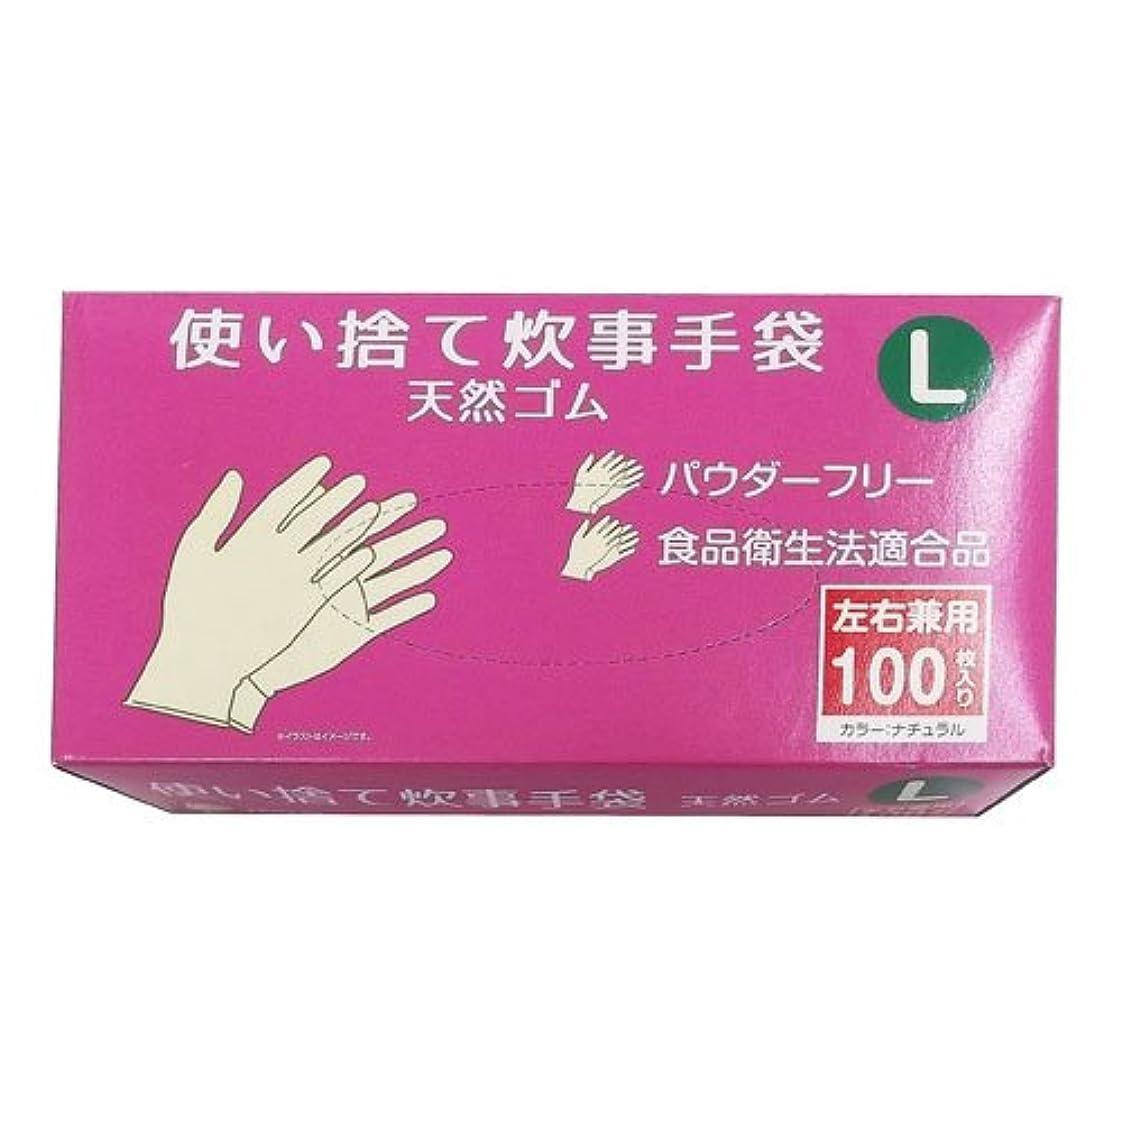 効果的ゴシップ日光コーナンオリジナル 使い捨て 炊事手袋 天然ゴム 100枚入り L